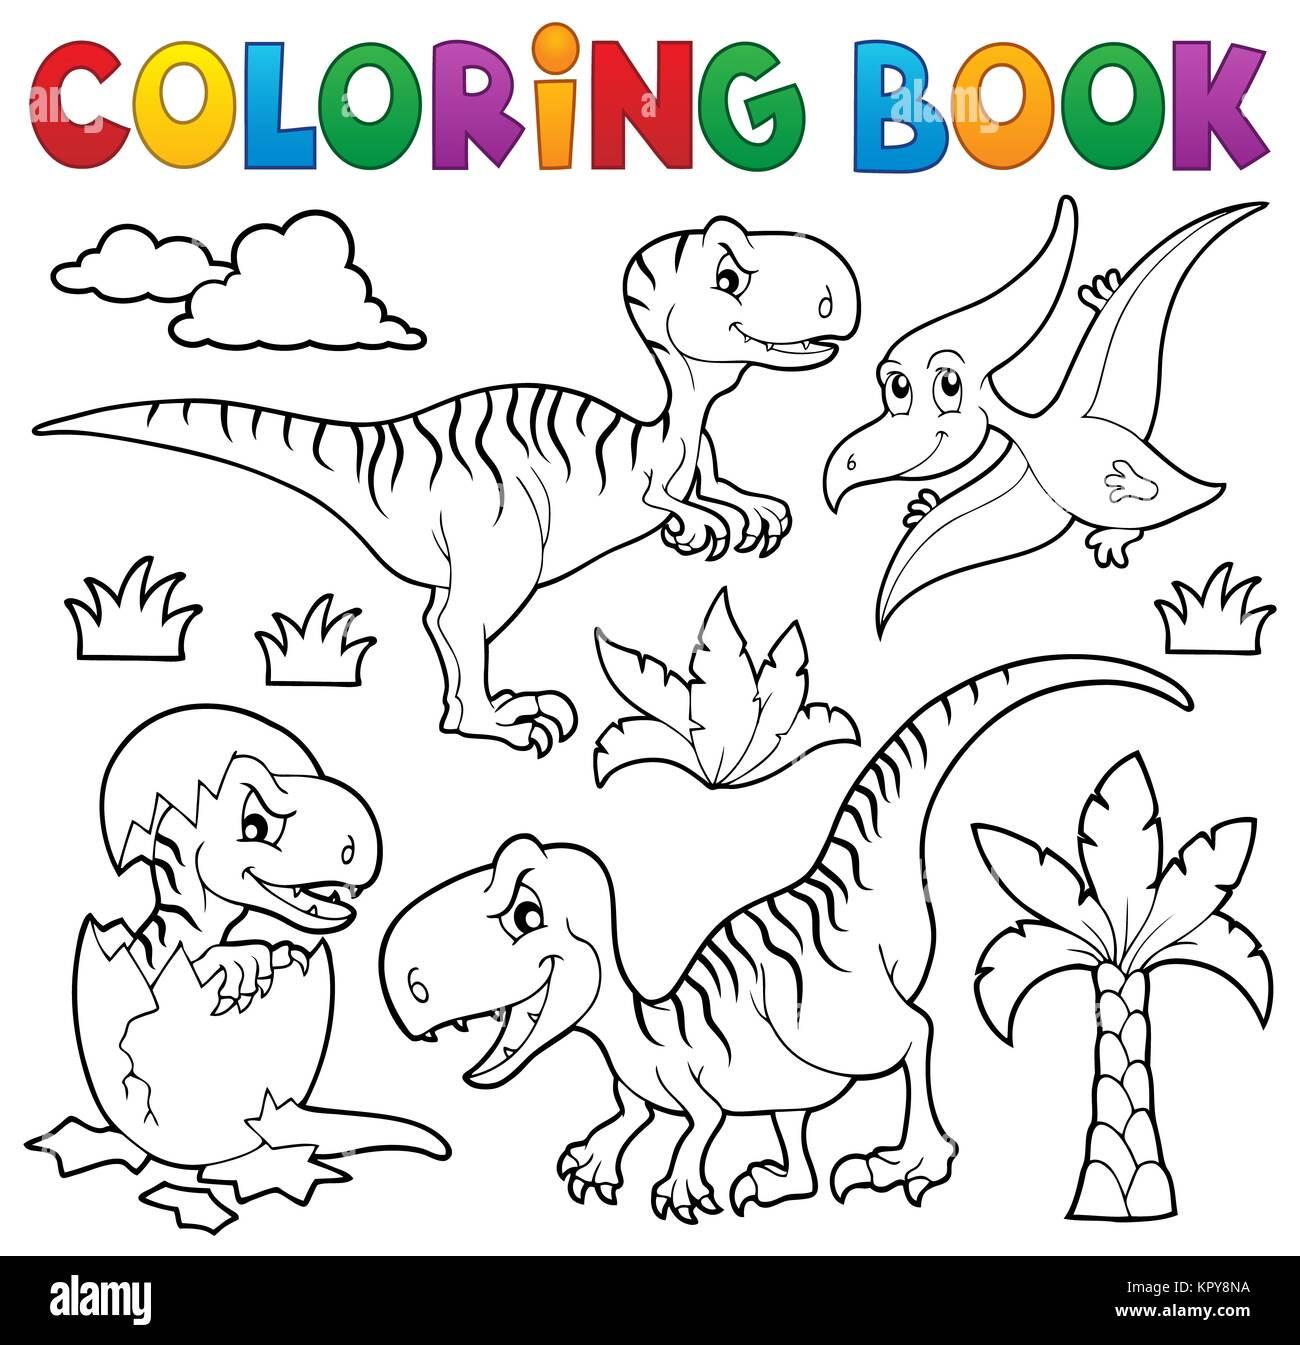 Livre Coloriage Dinosaure.Theme 8 Livre De Coloriage Dinosaure Banque D Images Photo Stock